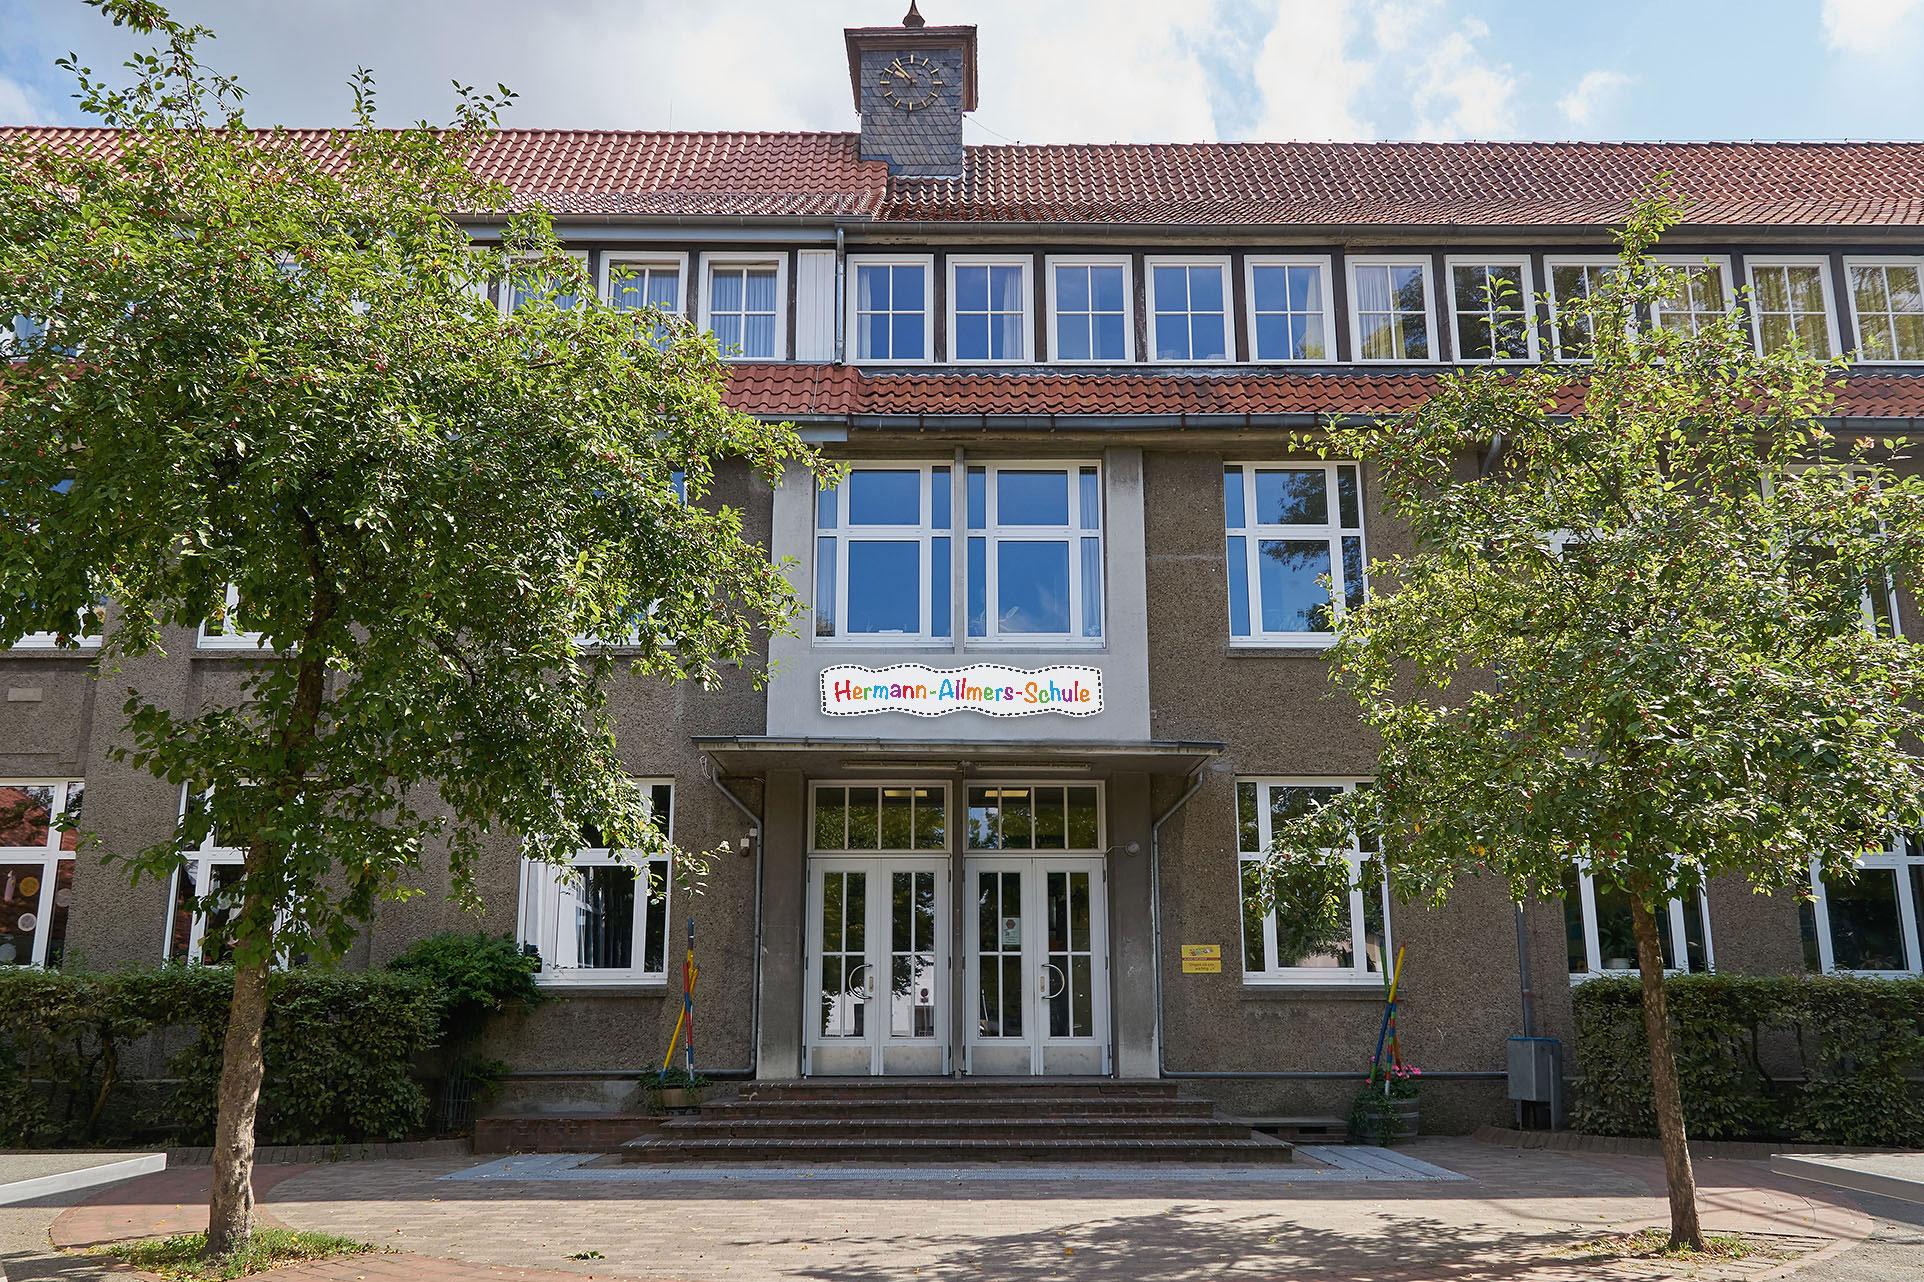 Eingang_1_HermannAllmersSchule